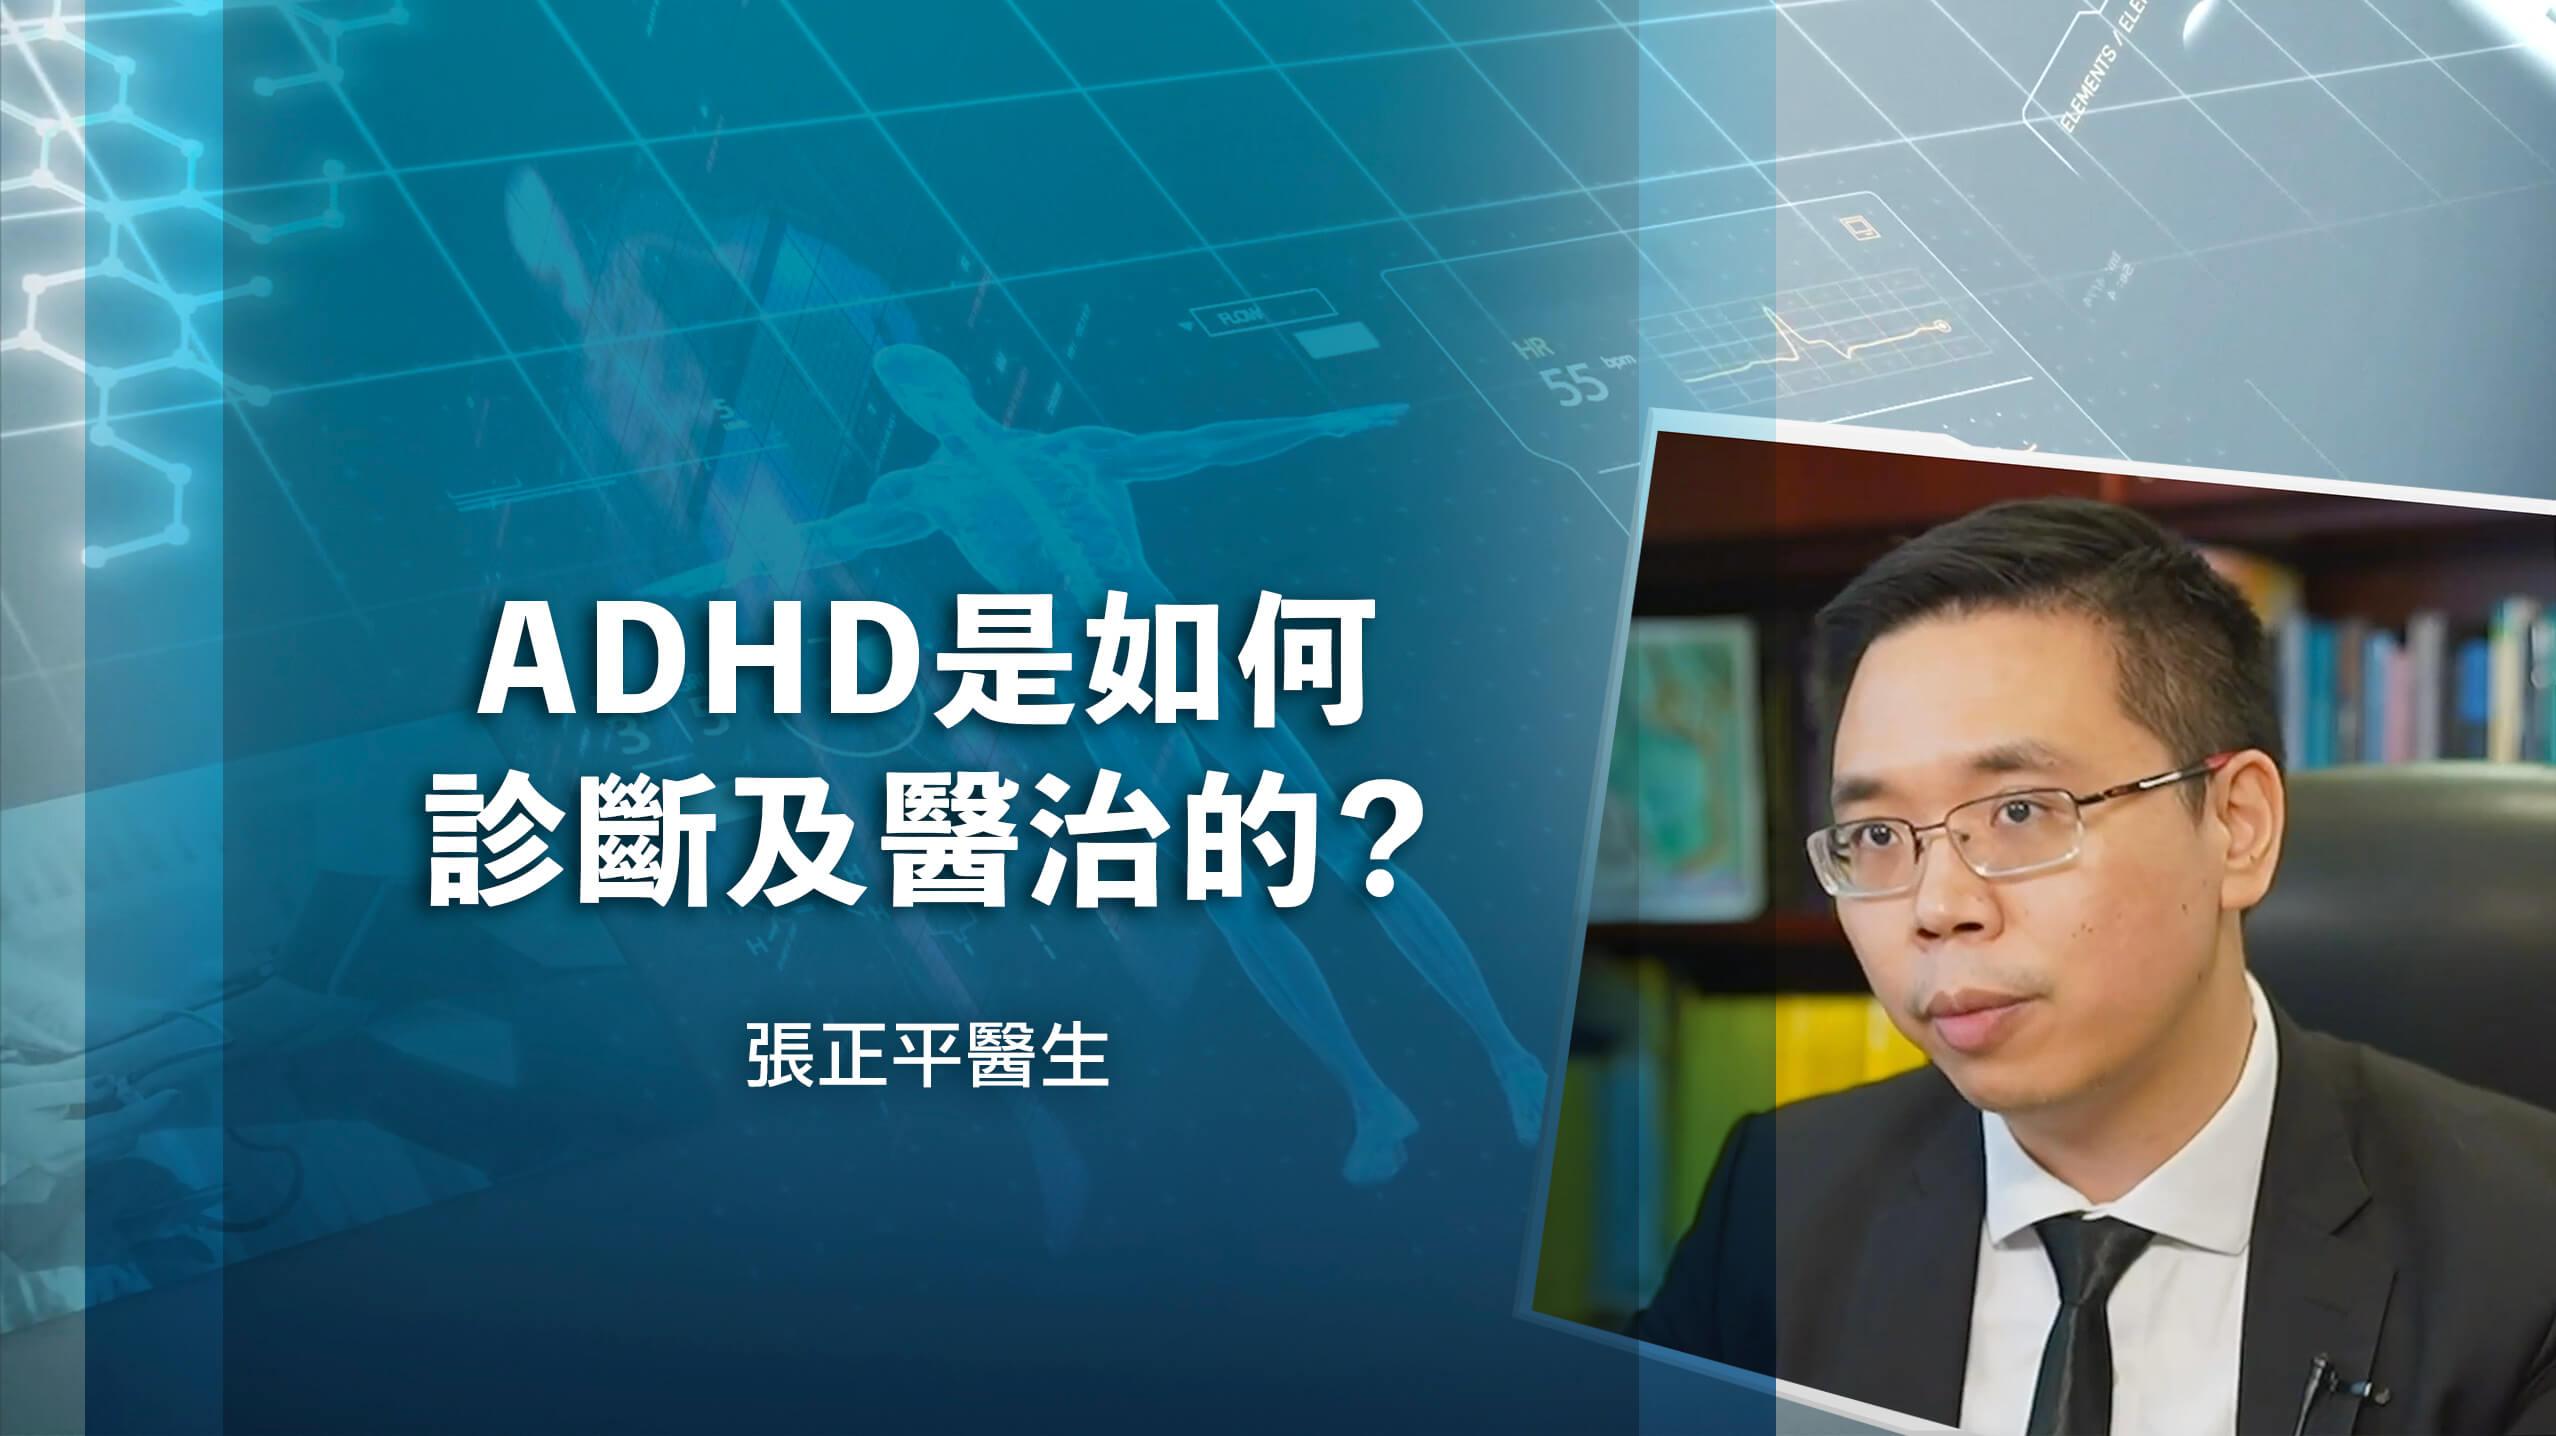 【ADHD是如何診斷及醫治的?】